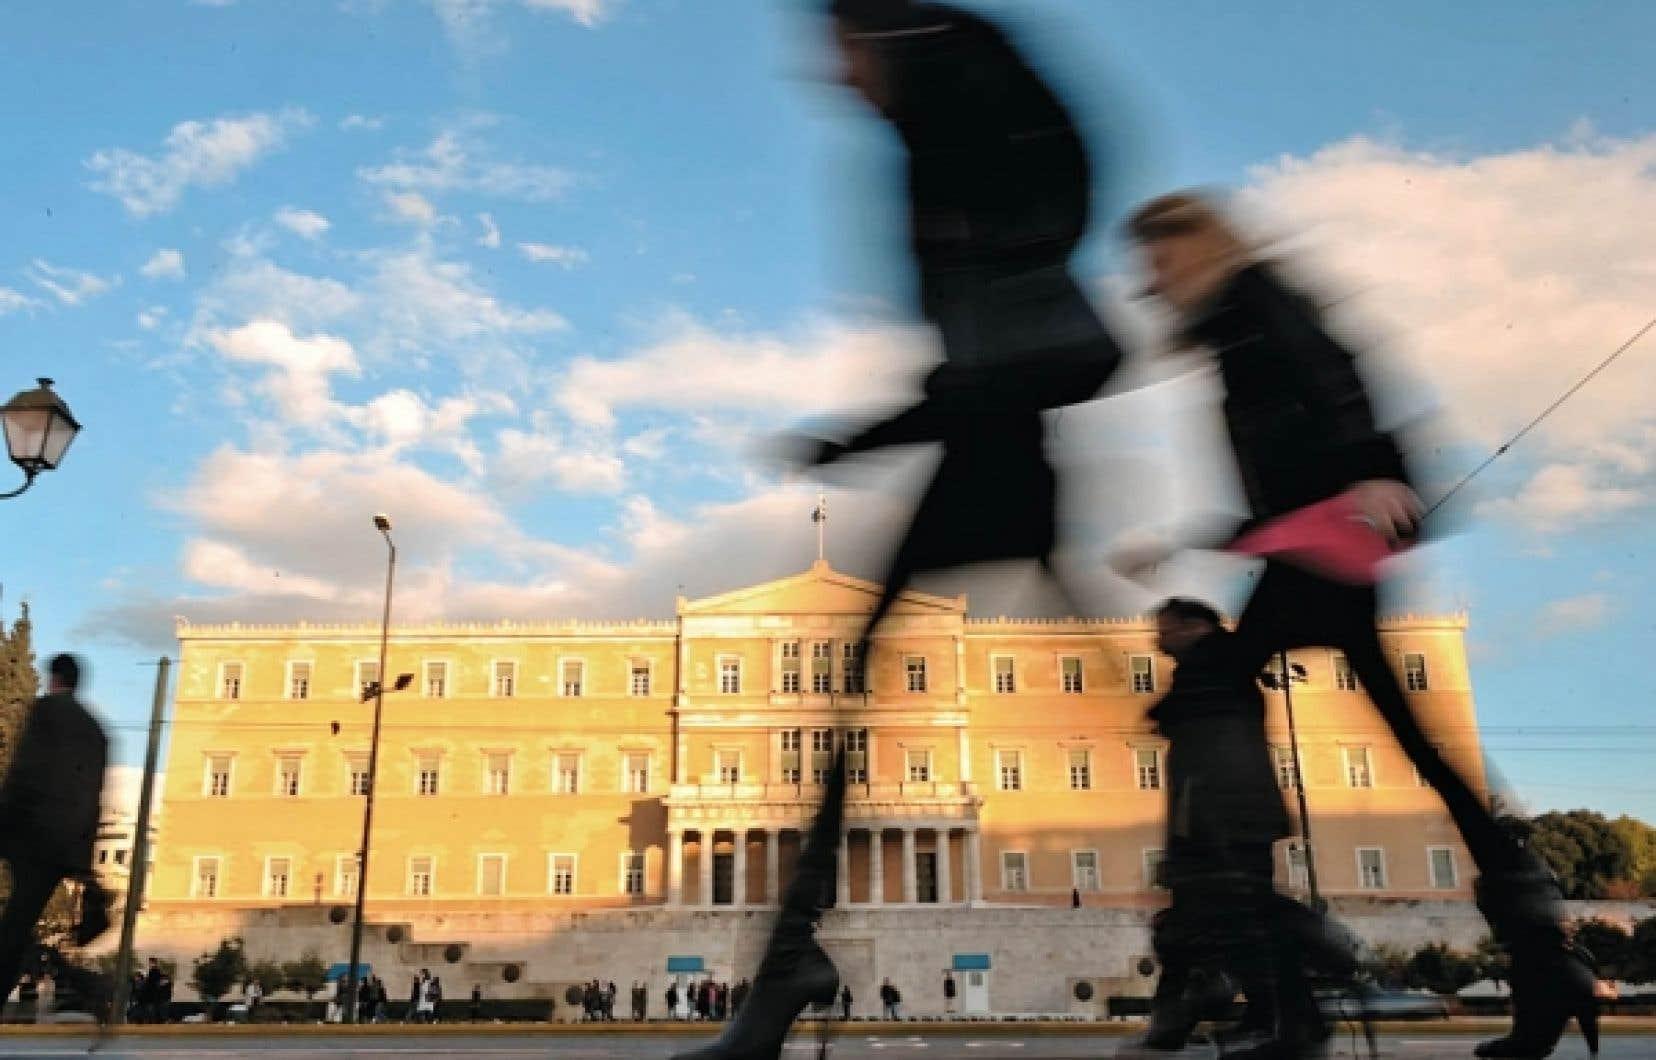 Le ministre grec des Finances, Georges Papaconstantinou, s'est dit opposé à annoncer dans l'immédiat de nouvelles mesures d'économies, estimant que ce «serait un mauvais signal, même pour les marchés». Ci-dessus, le parlement grec.